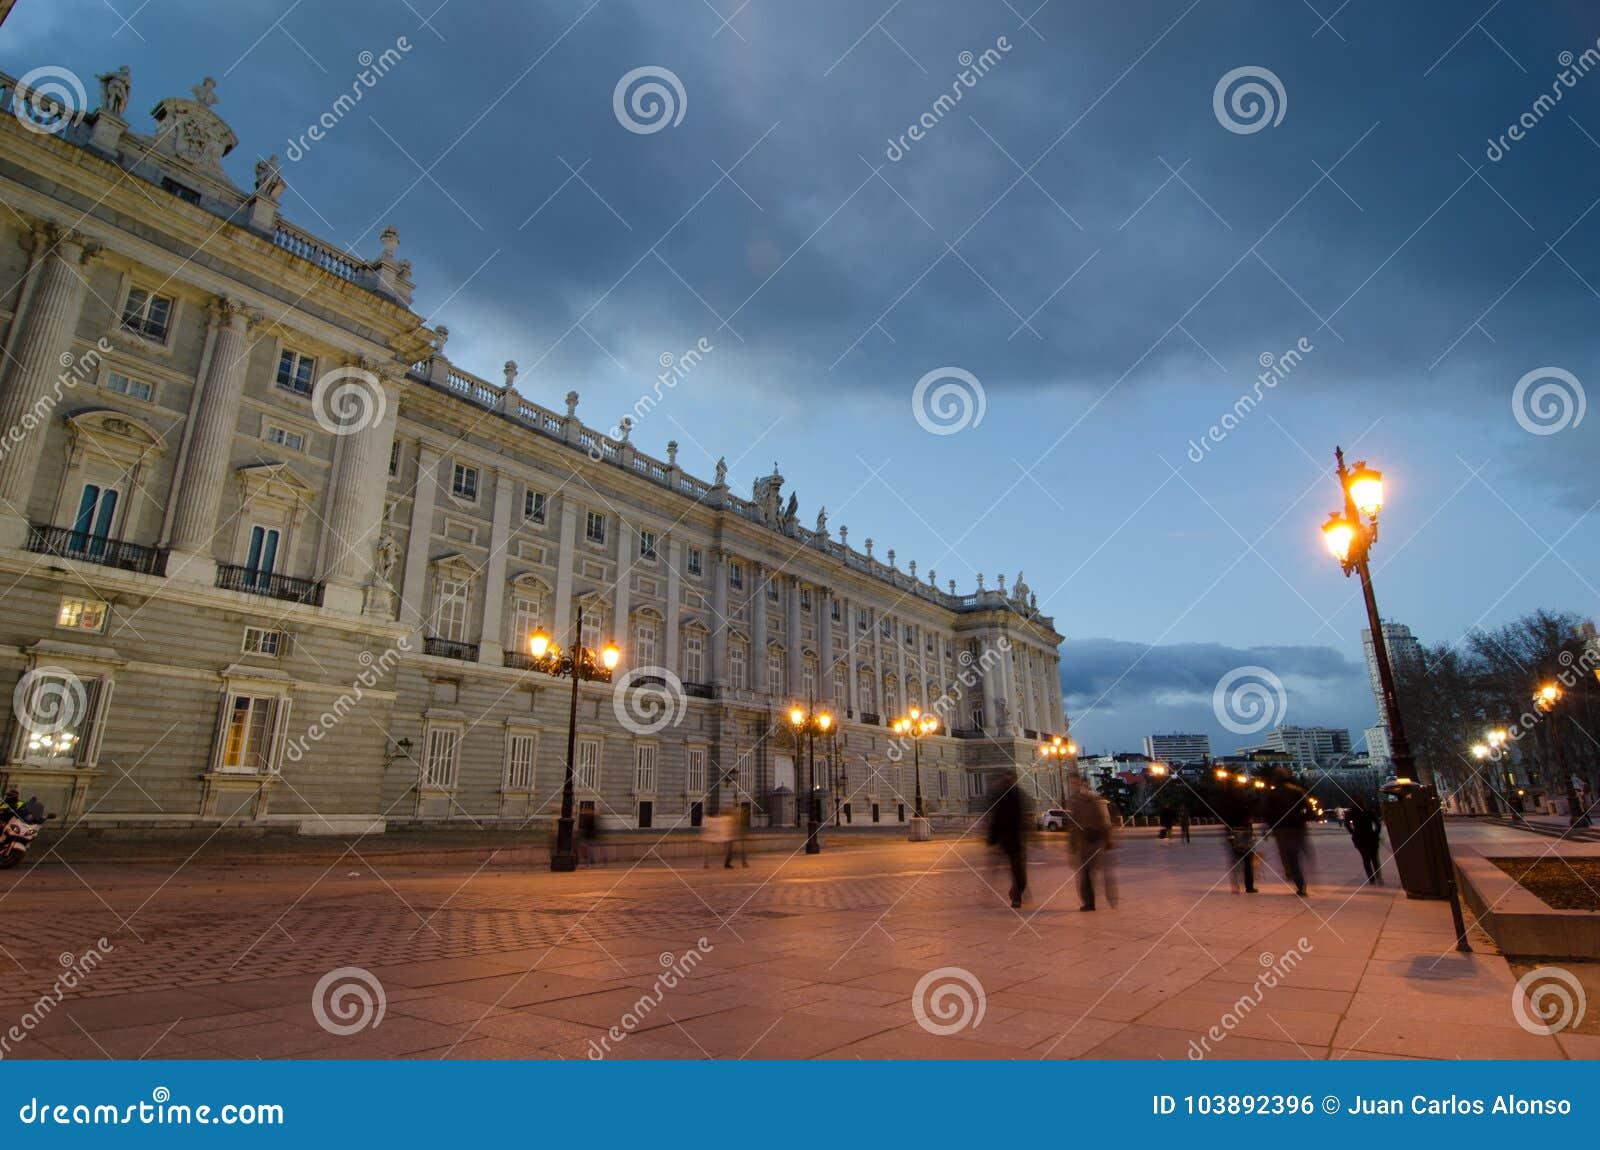 Vorderansicht von königlichem Palacee in Madrid mit dem Gehen einiger Leute